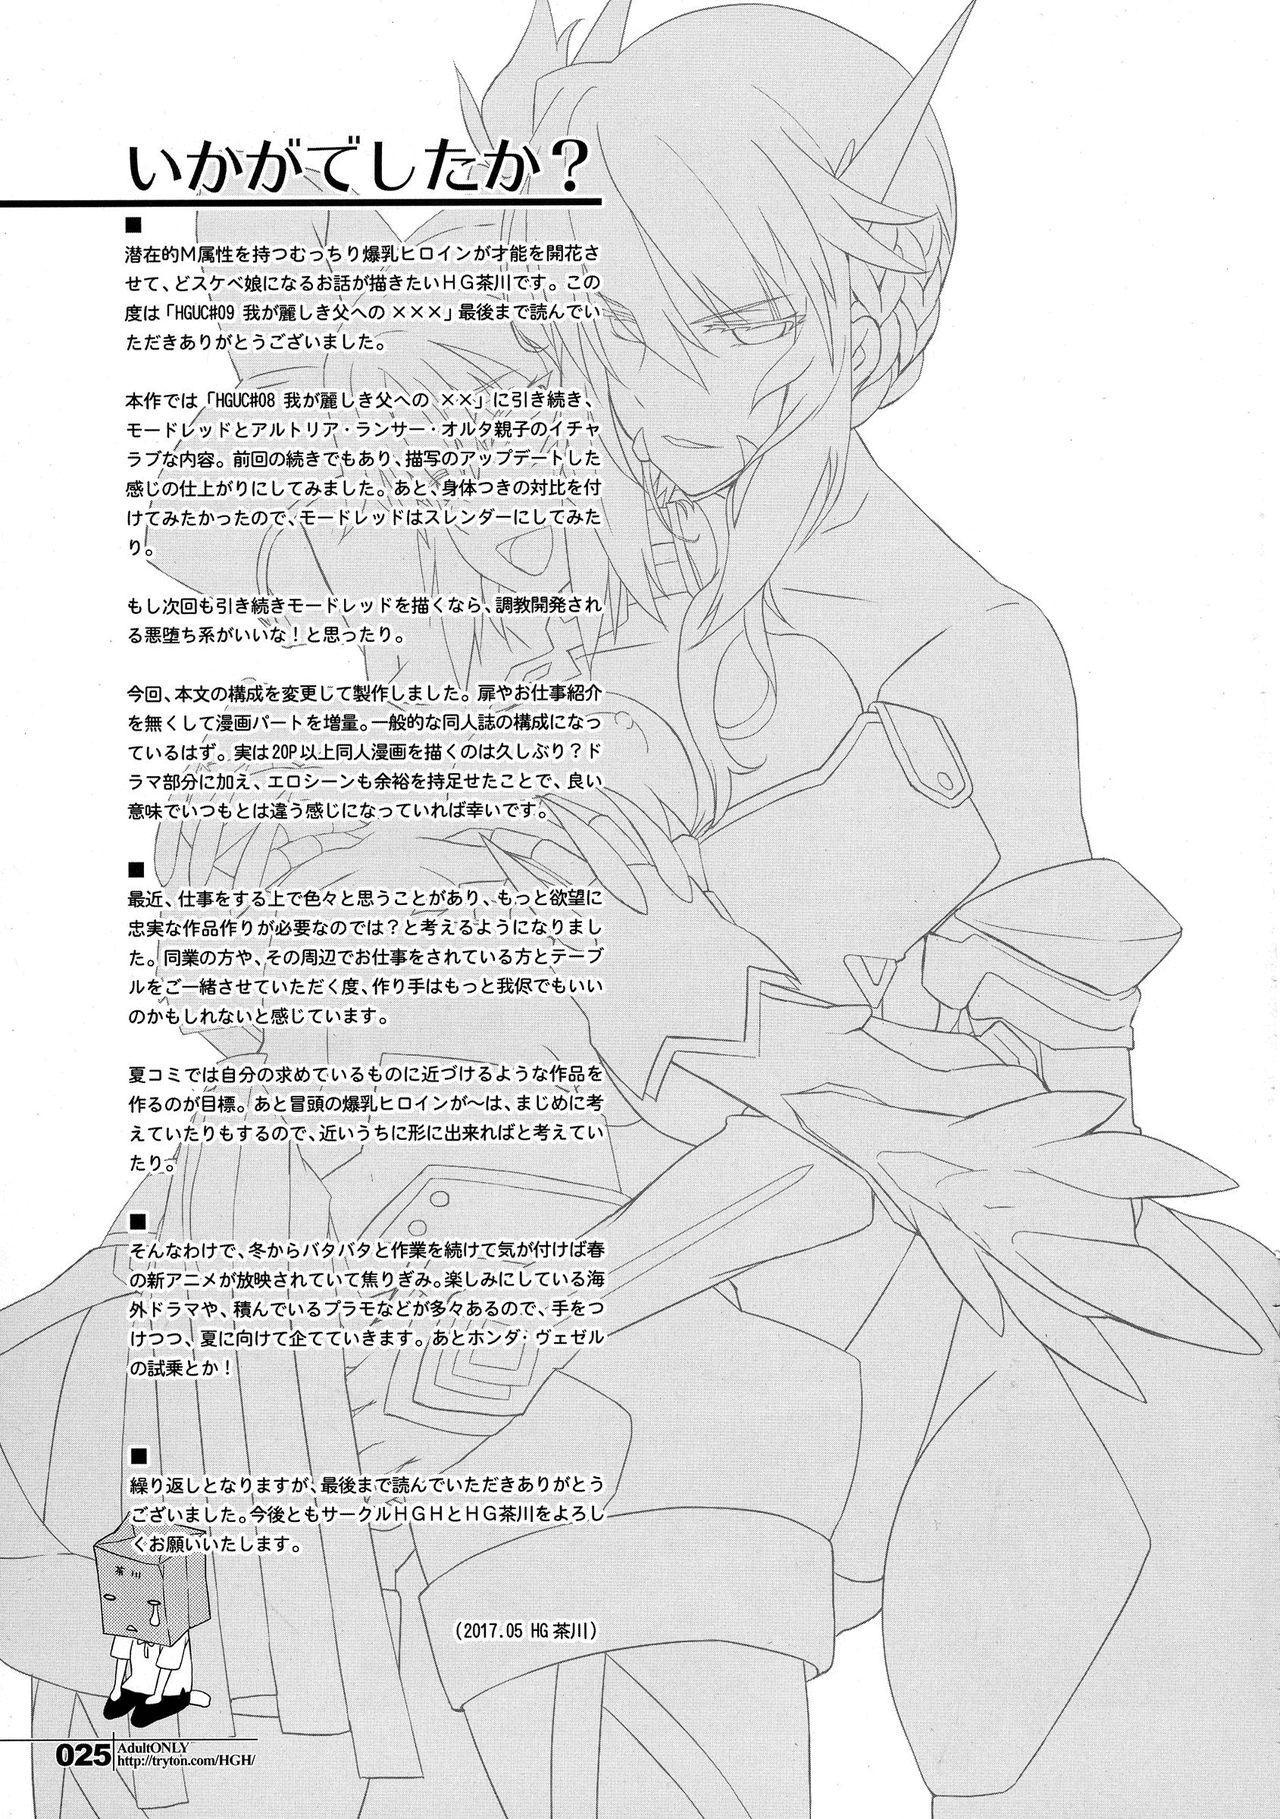 HGUC# 09 Waga Uruwashiki Chichi e no ××× 24